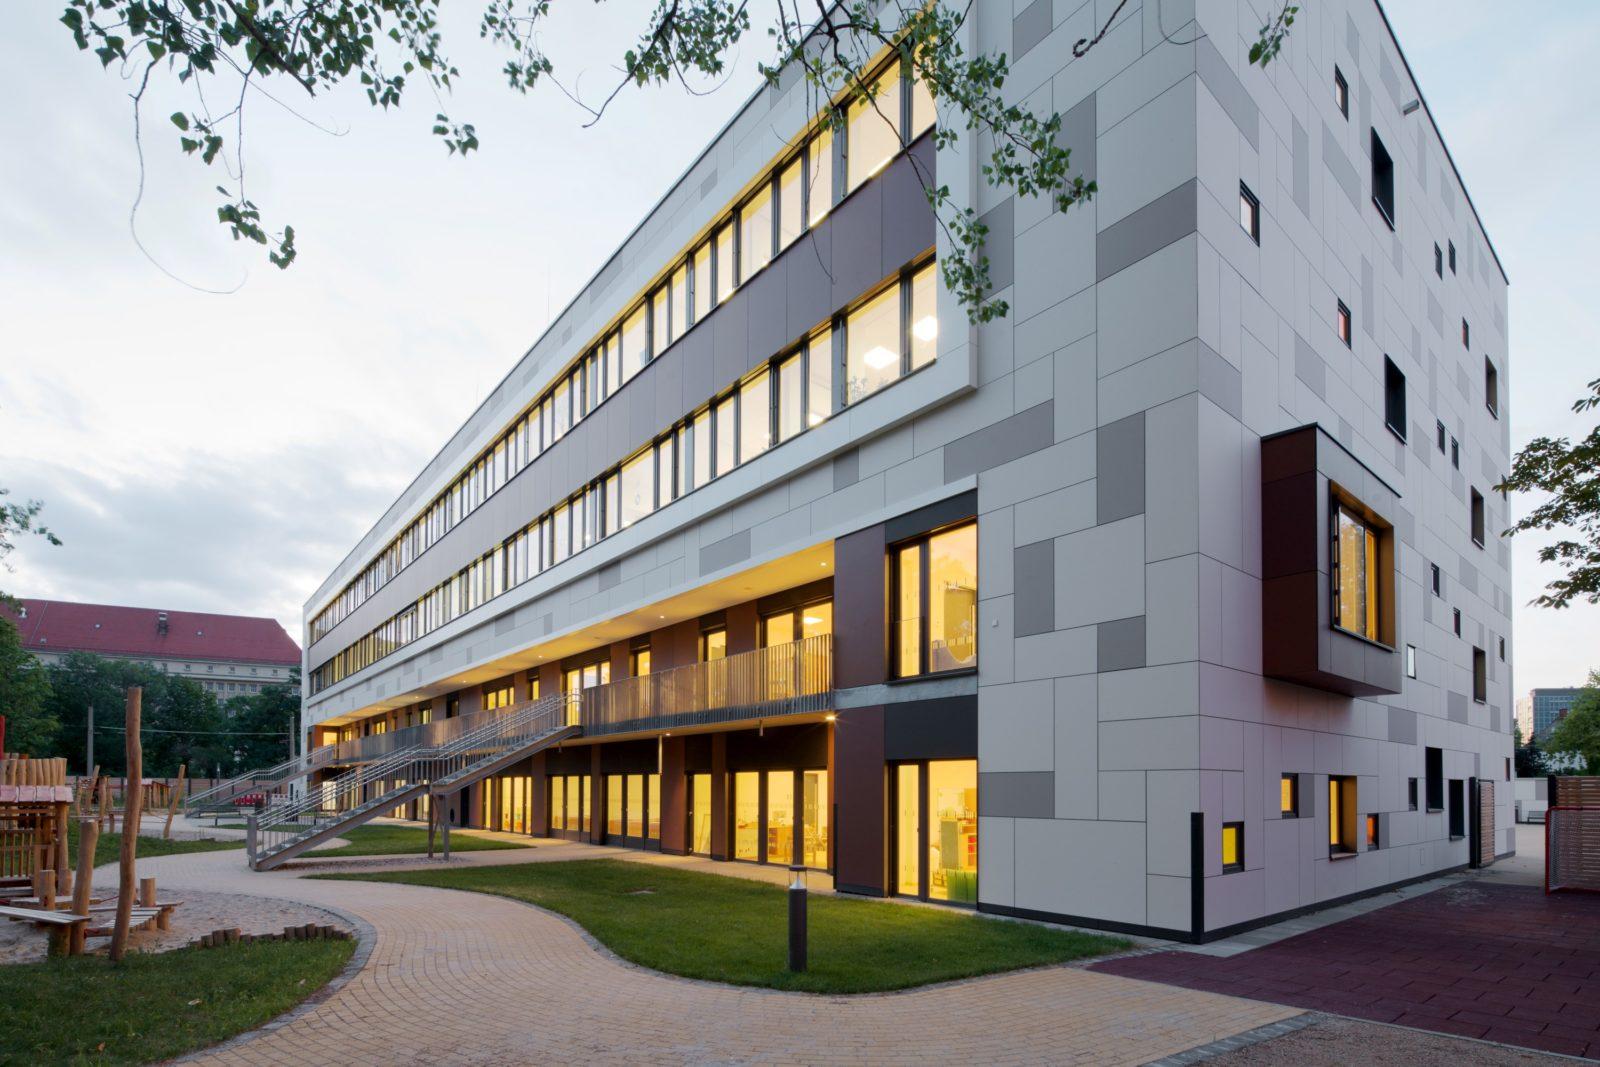 Neubau Kita und Förderschule an der alten Messe, Leipzig - Hofansicht